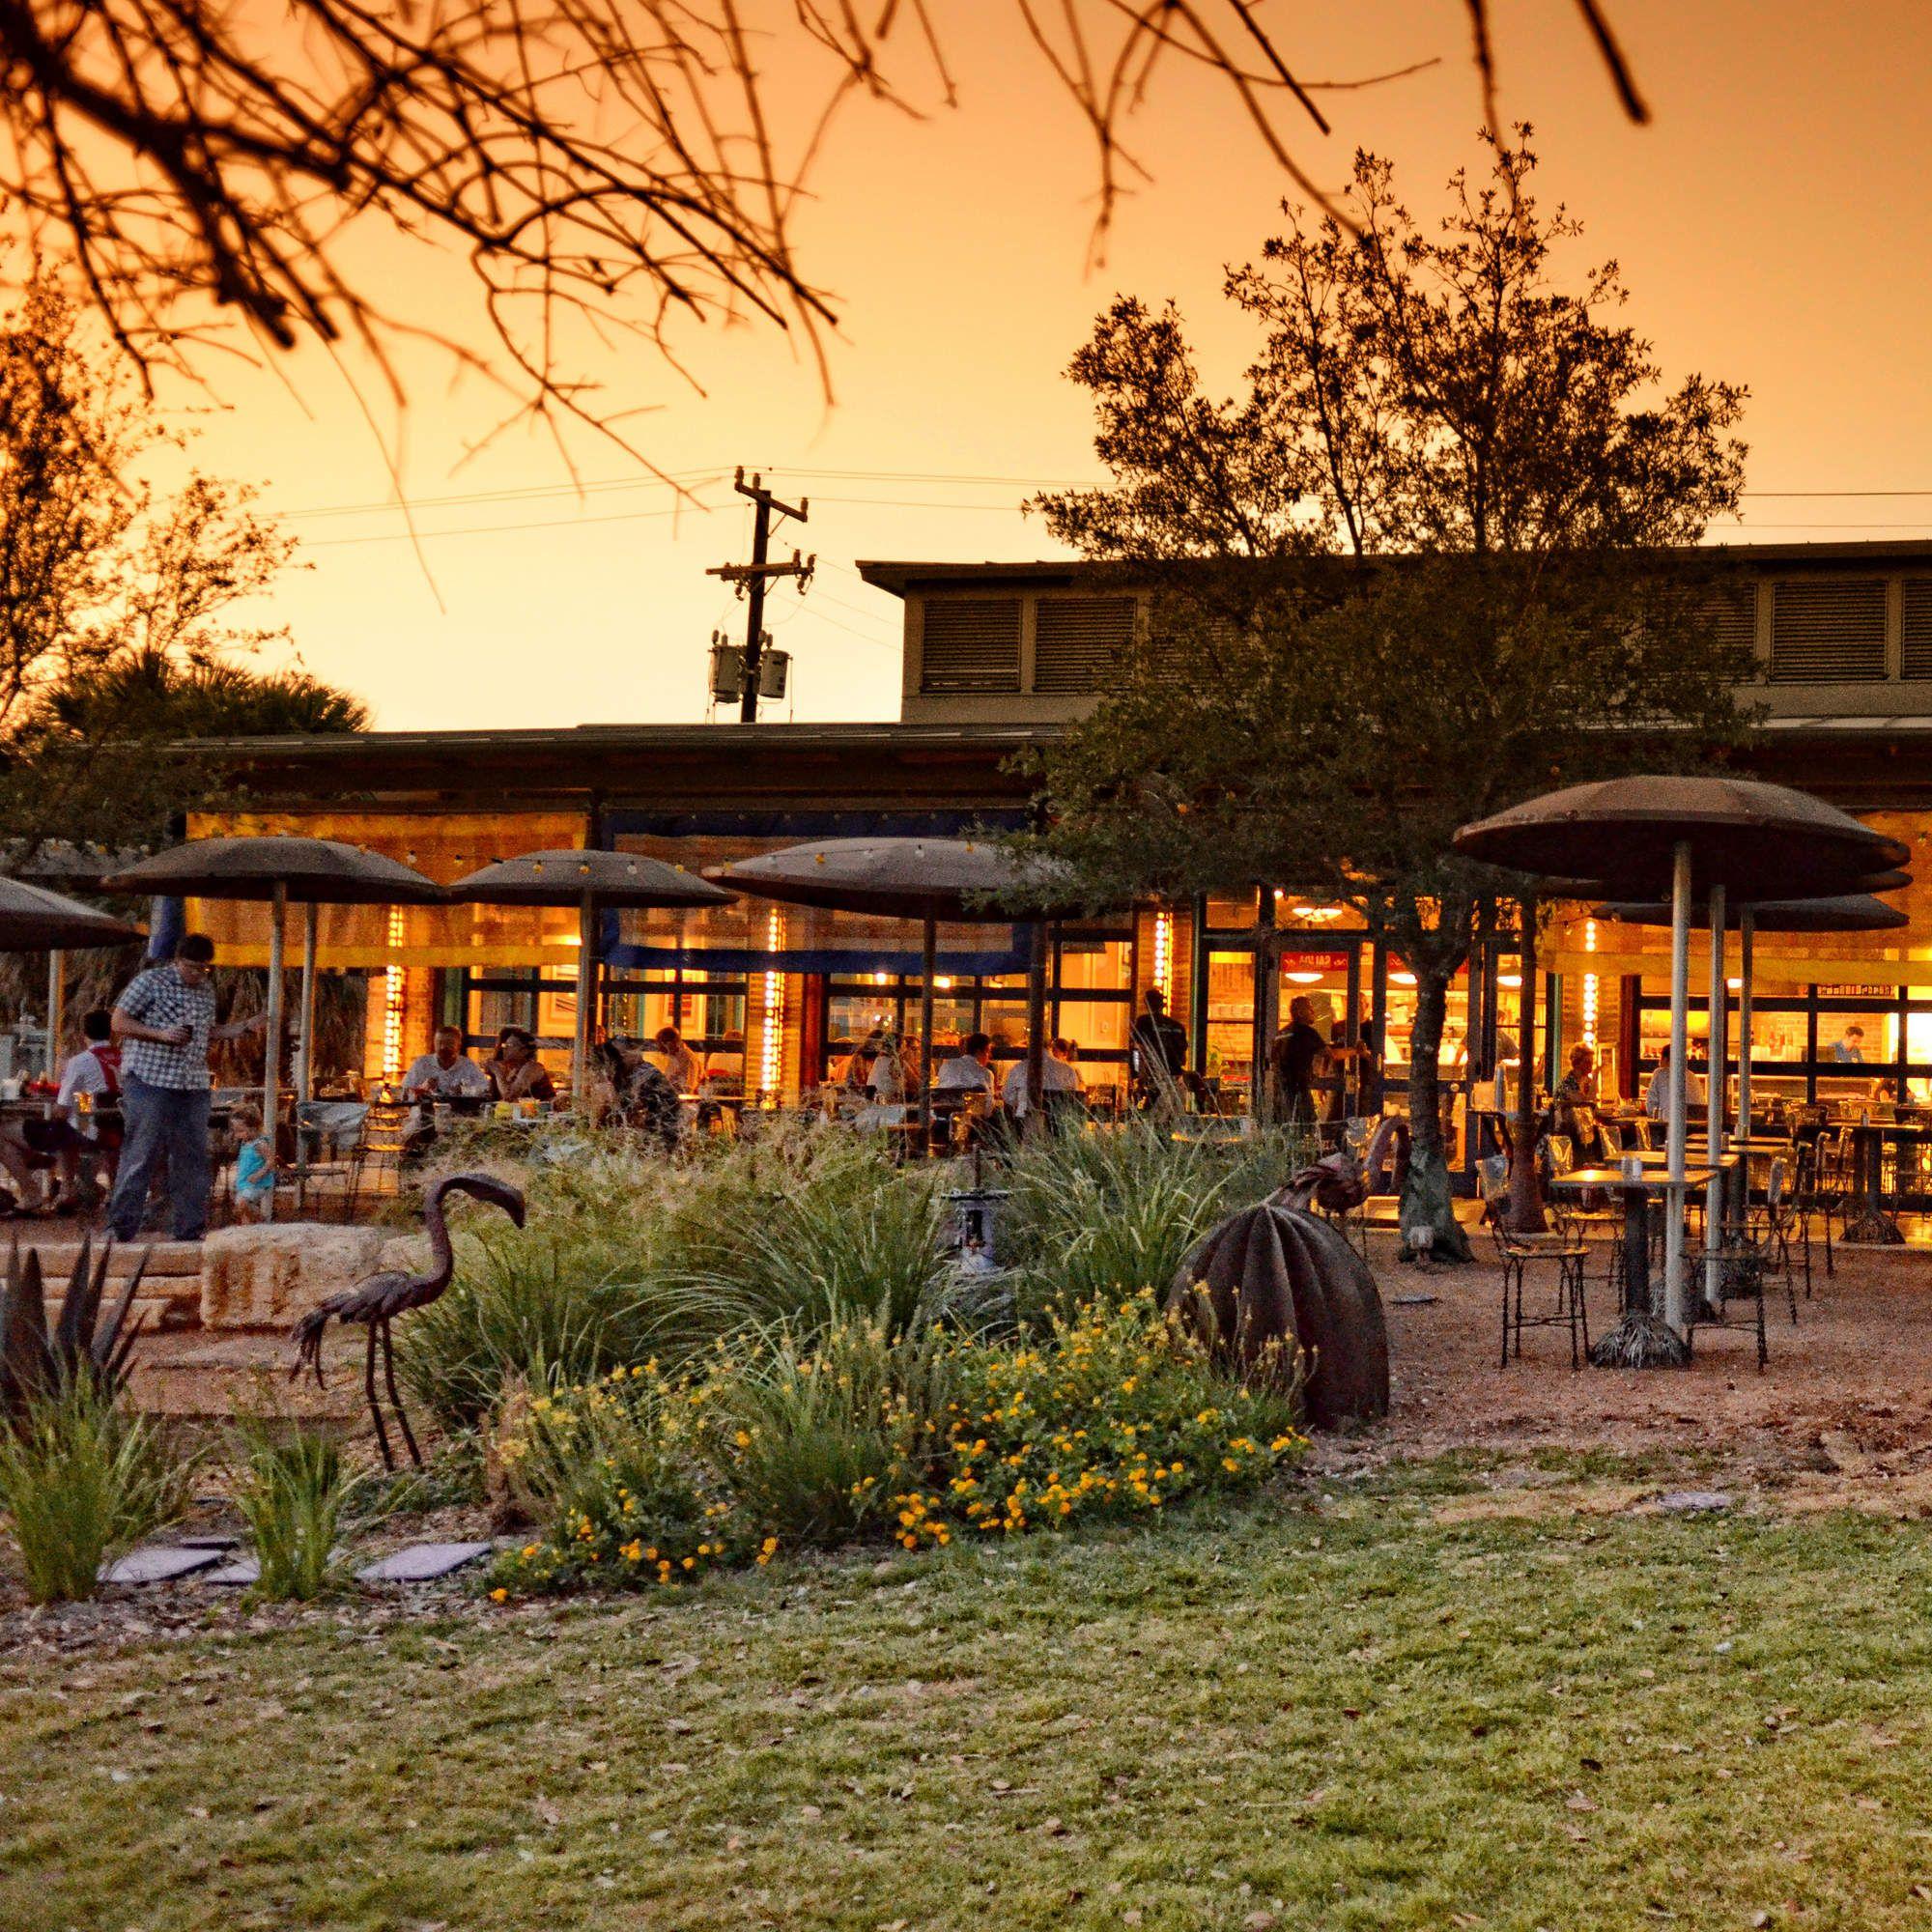 The Best Outdoor Restaurants and Bars in San Antonio | San ...